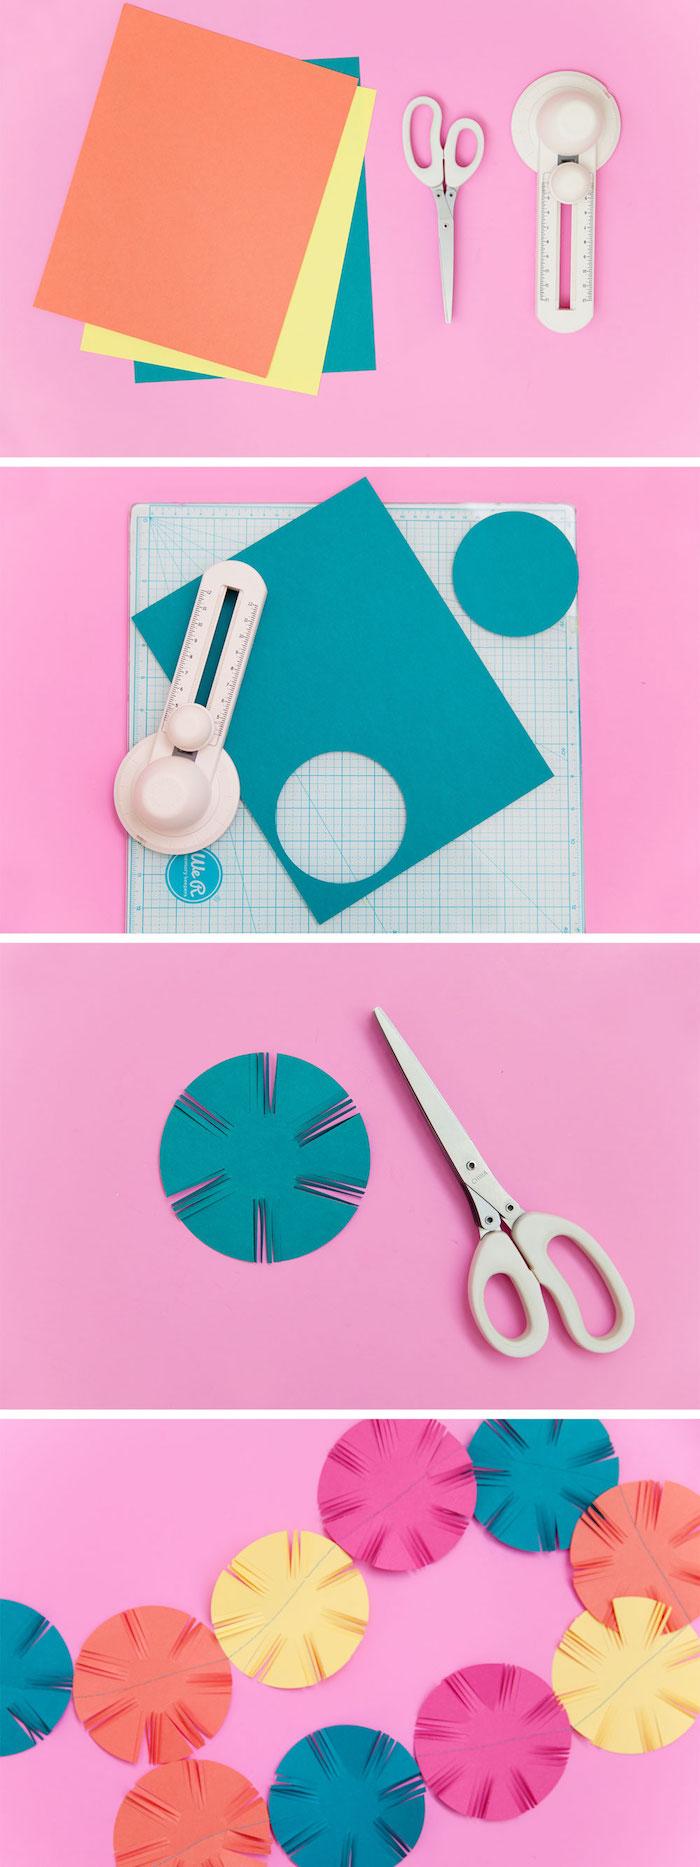 kreative gestalten die schönsten ideen zum selbermachen, basteln mit papier, girlande